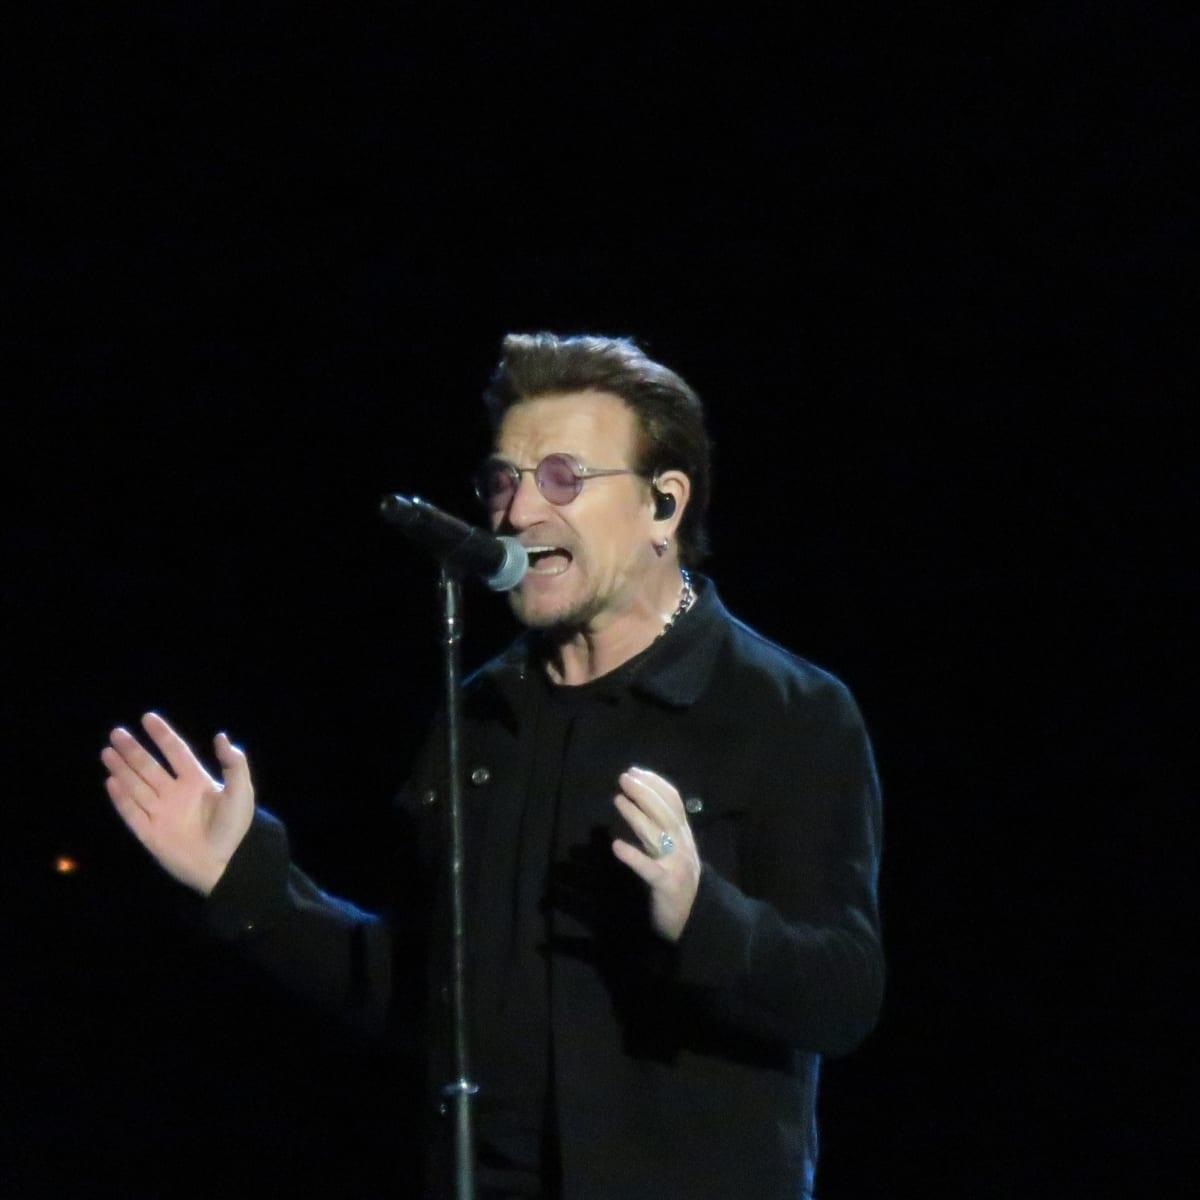 Bono at U2 concert at NRG stadium